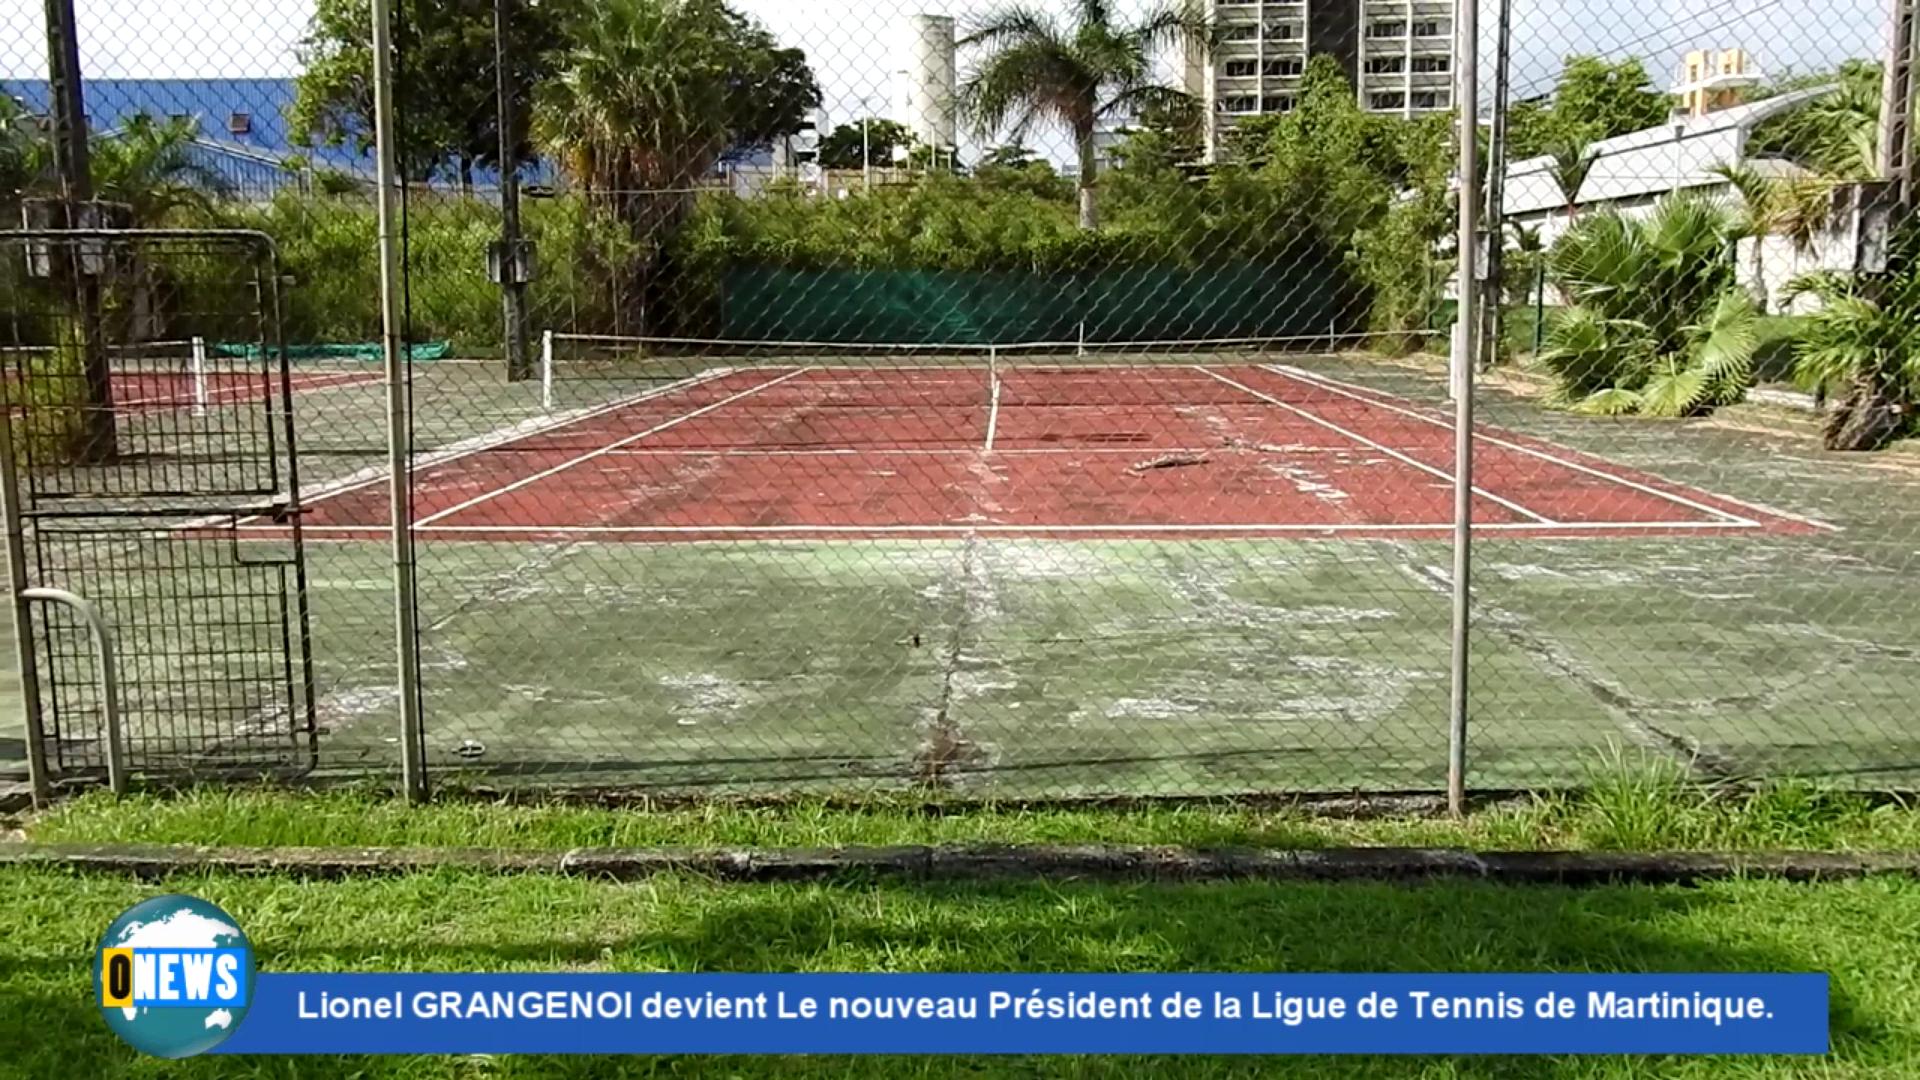 [Vidéo] Onews Martinique. Un nouveau Président au sein de la Ligue de Tennis Martinique